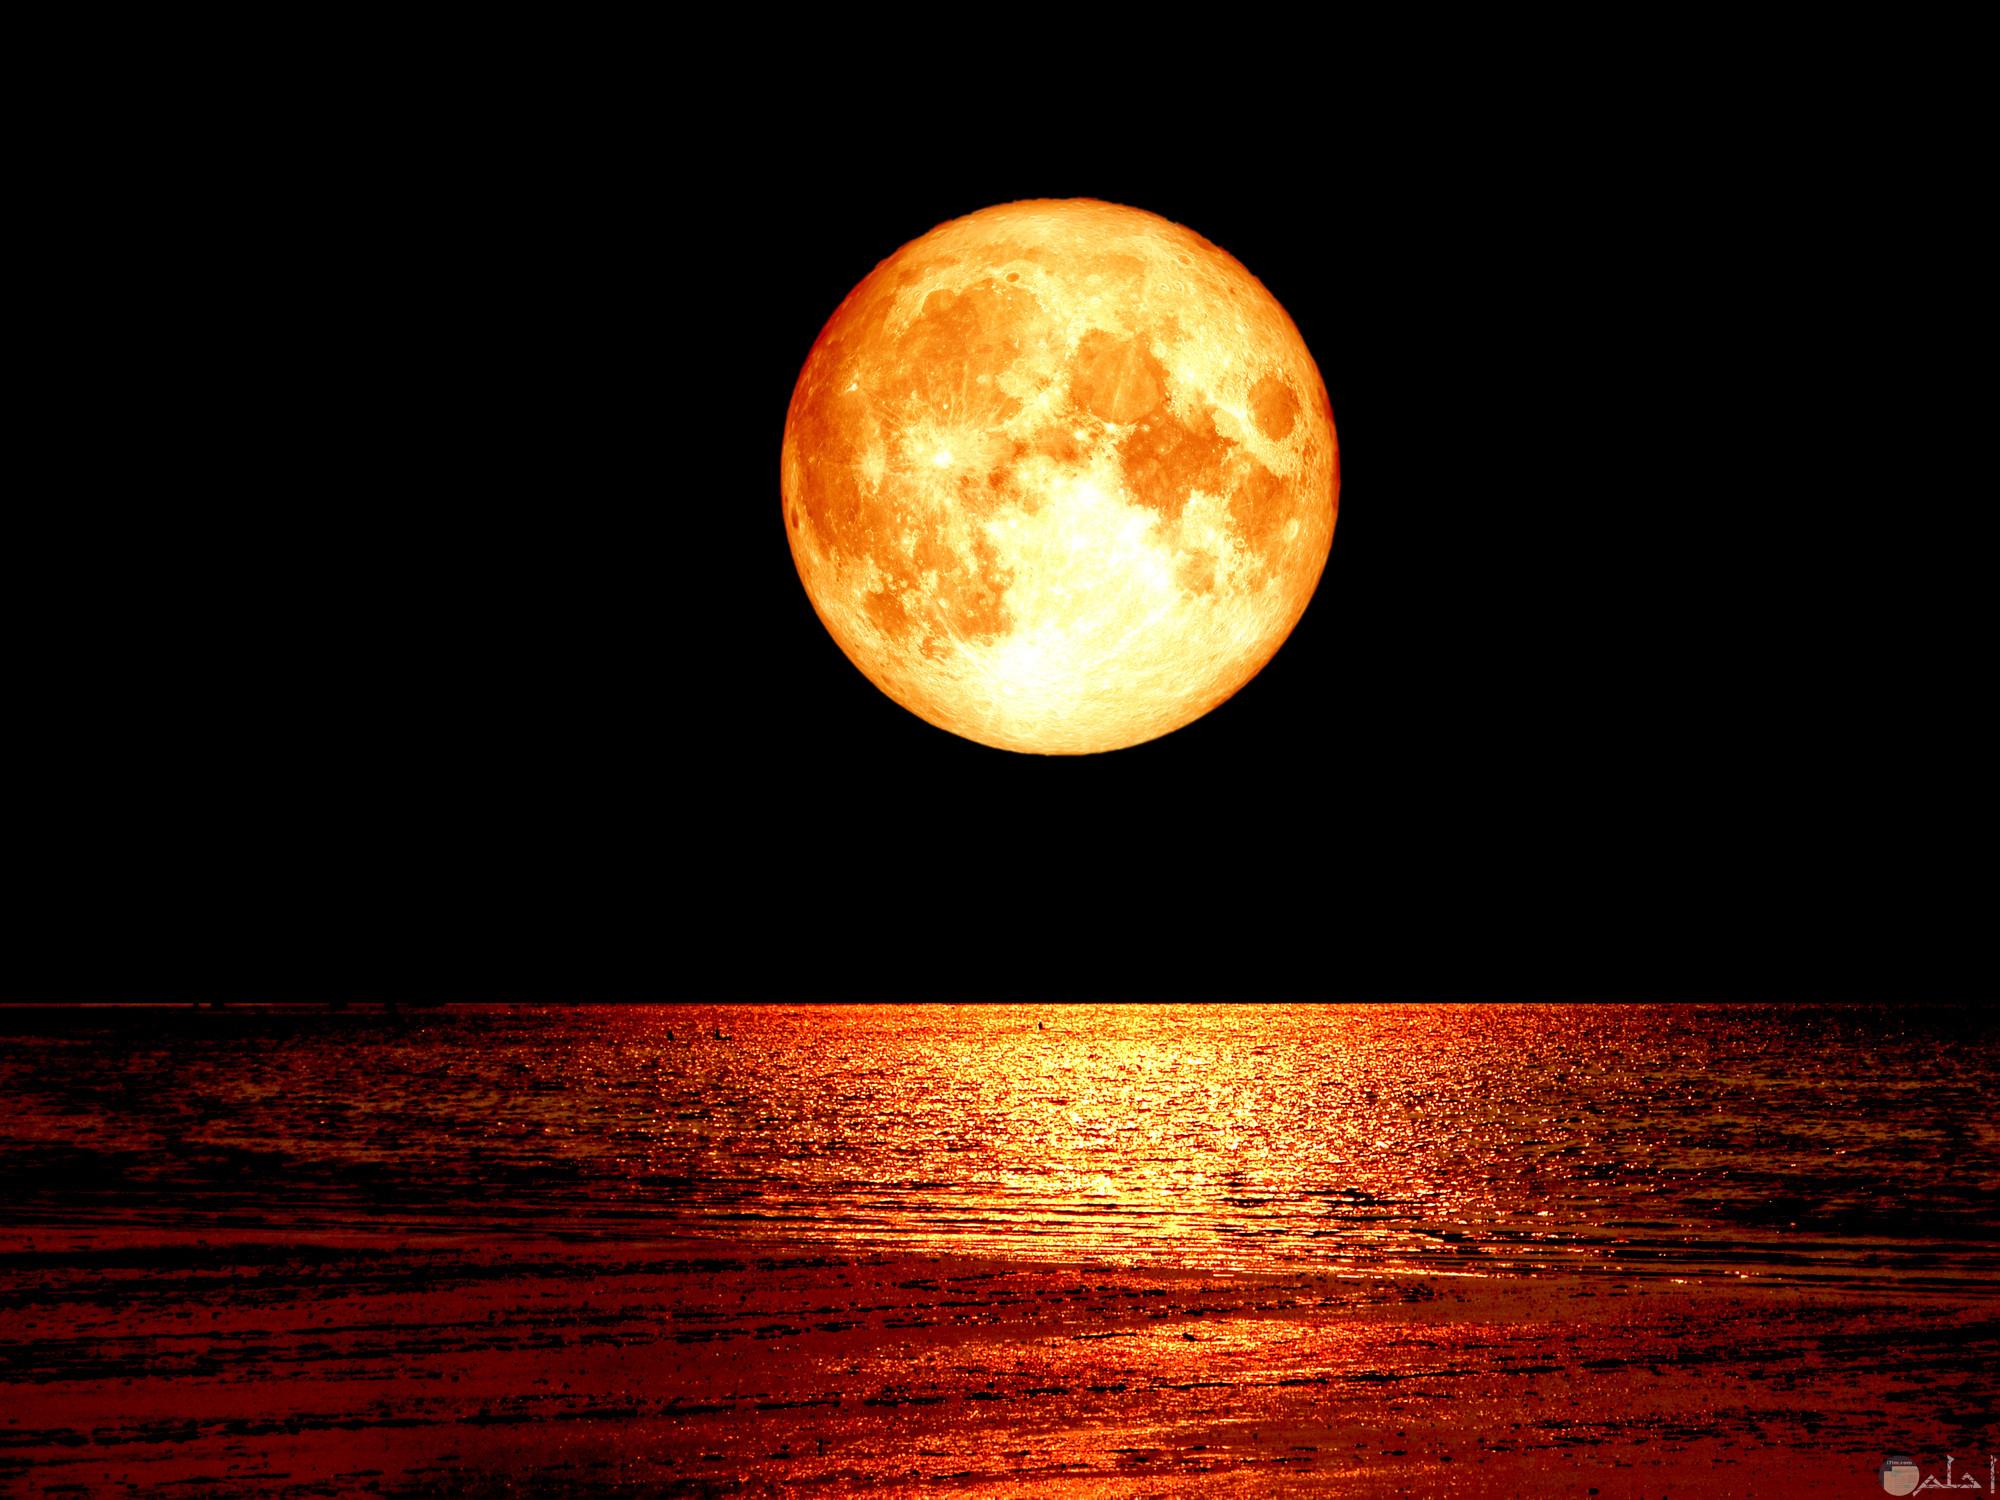 صورة توضح خسوف القمر وانعكاس الضوء على سطح البحر